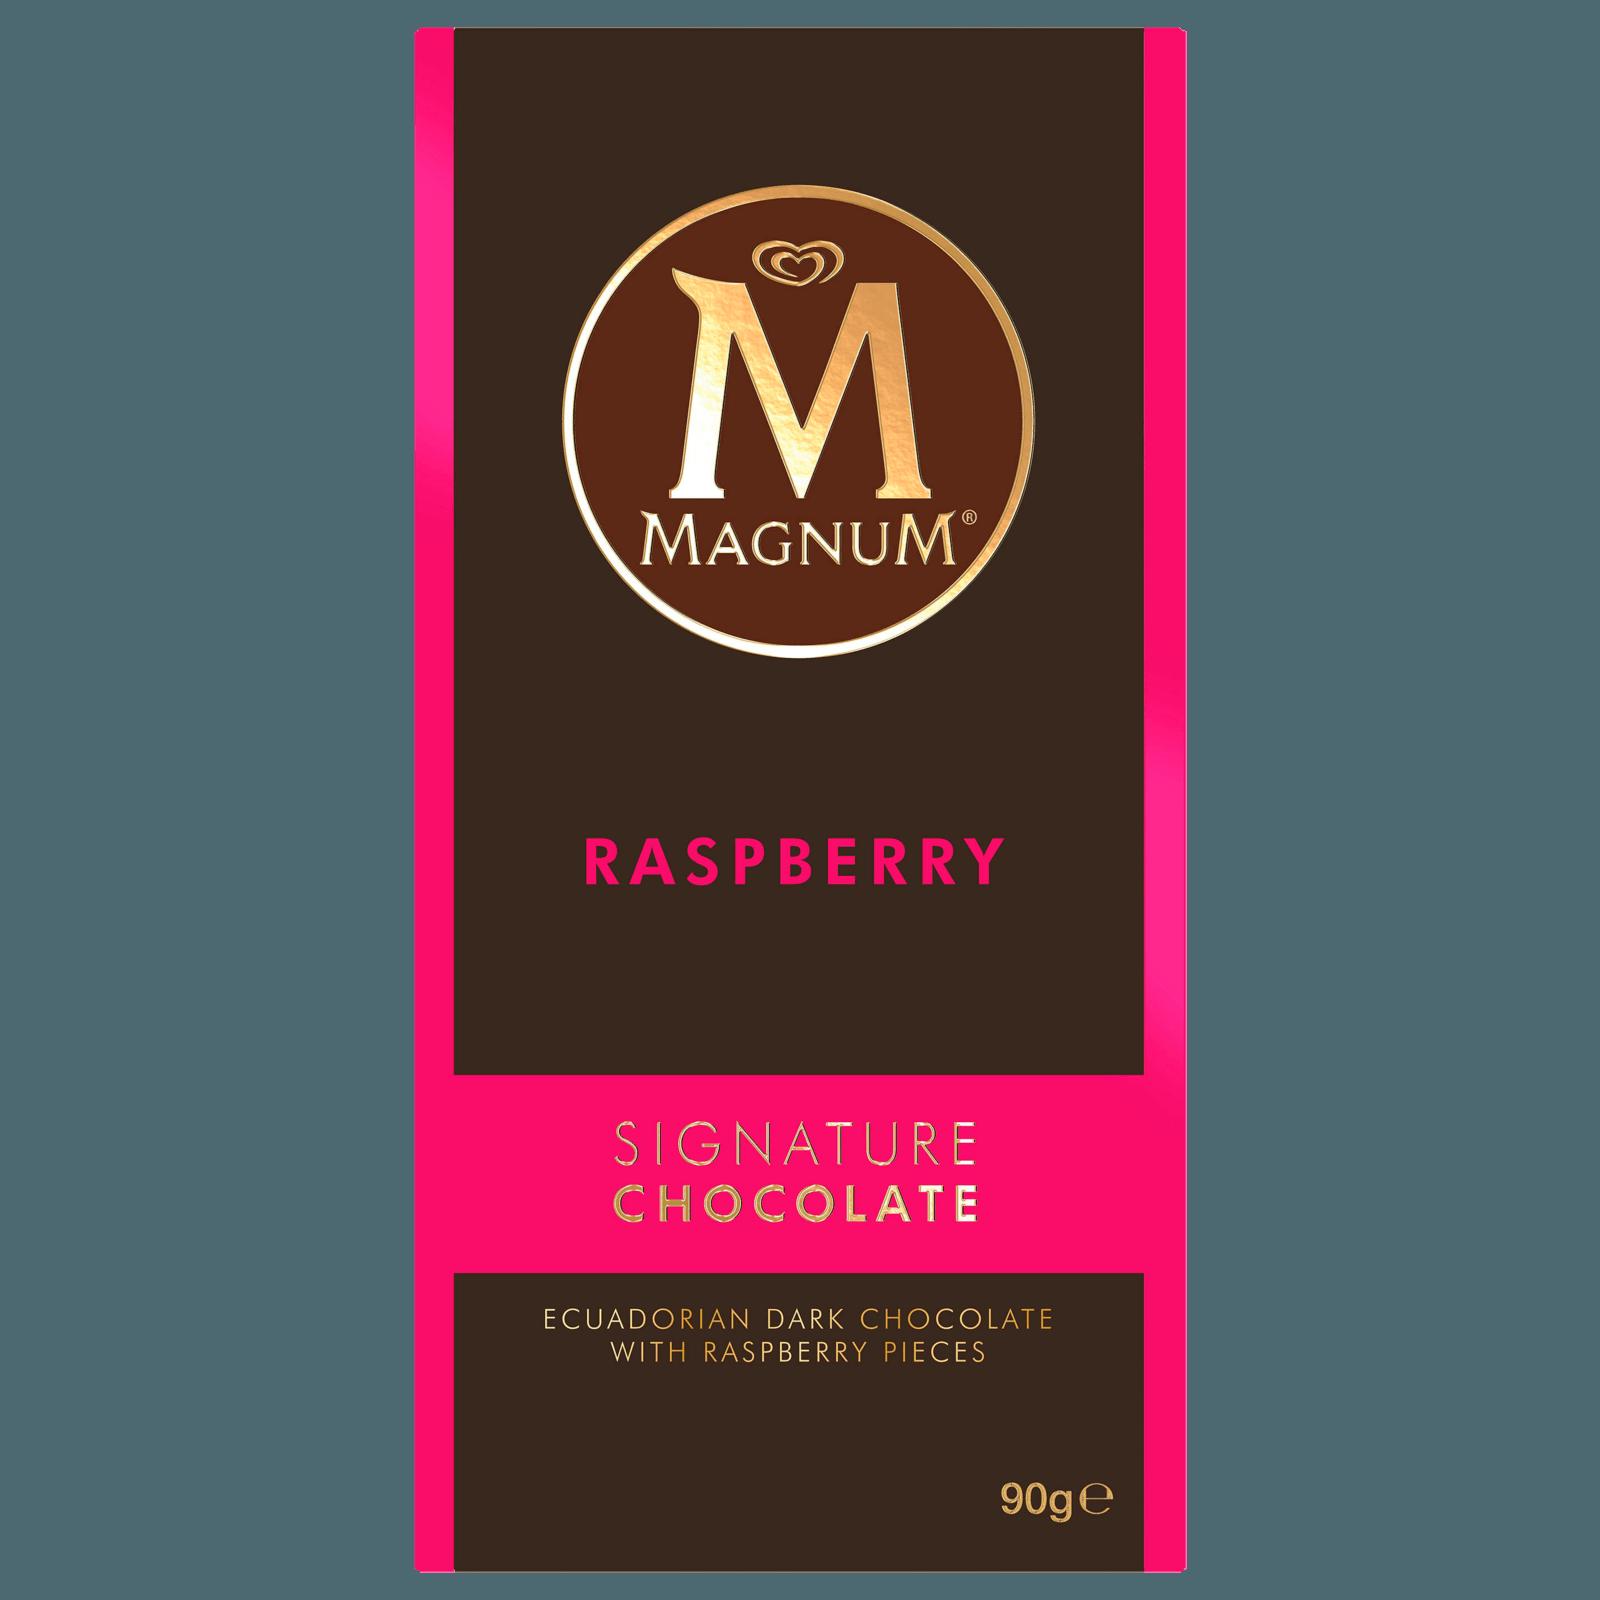 Magnum Raspberry Signature Chocolate 90g